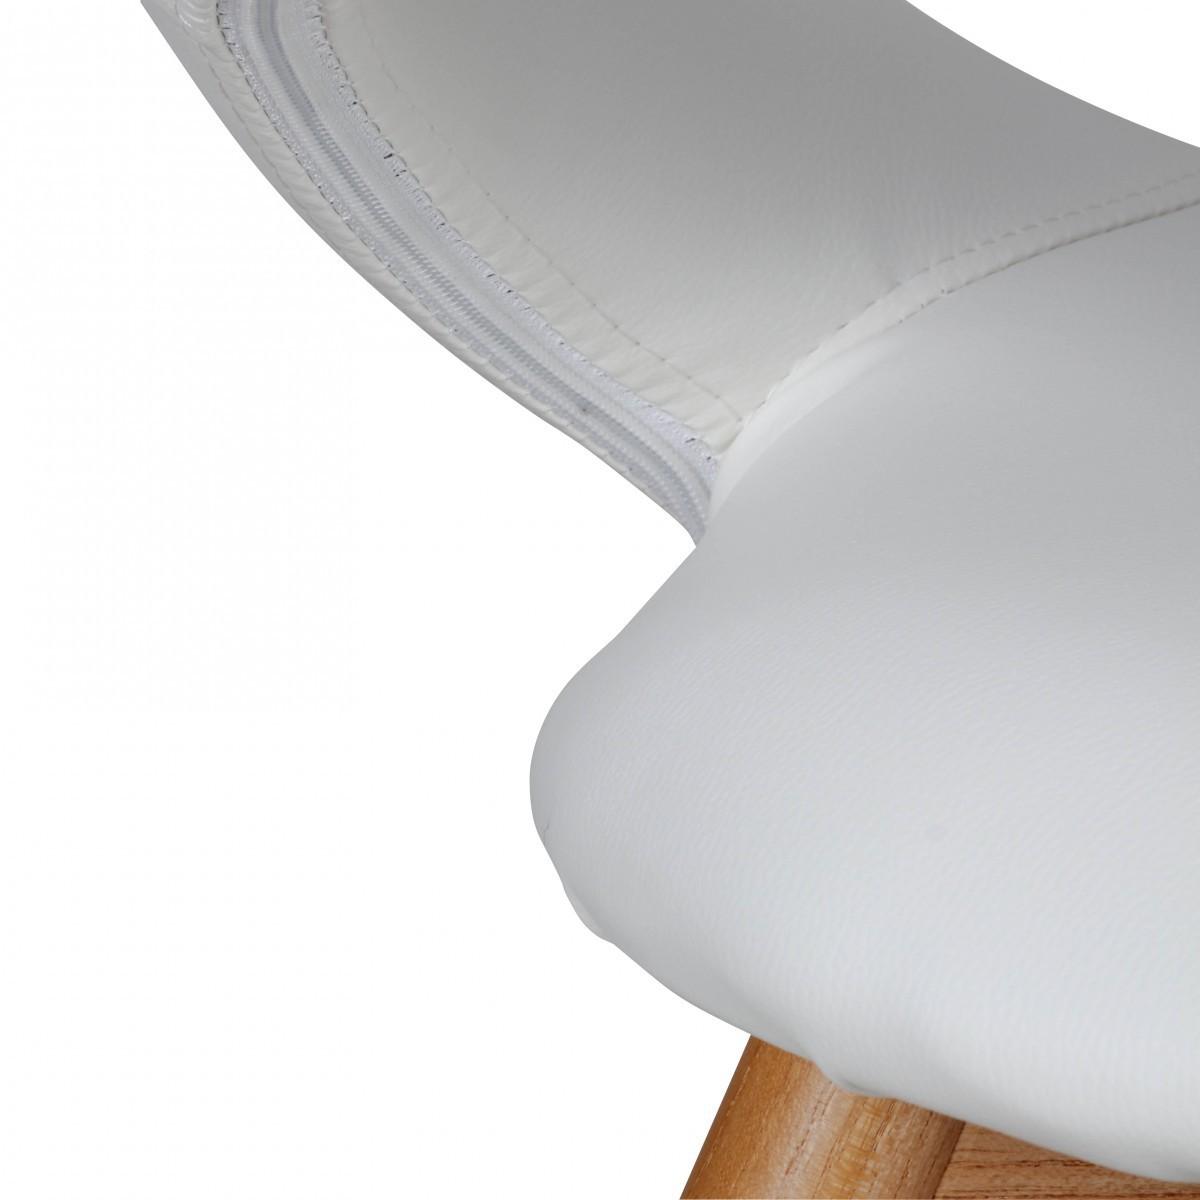 2x finebuy esszimmerstuhl skandinavisch aus holz sitz kunstleder wei schwarz 40696 - Esszimmerstuhl skandinavisch ...